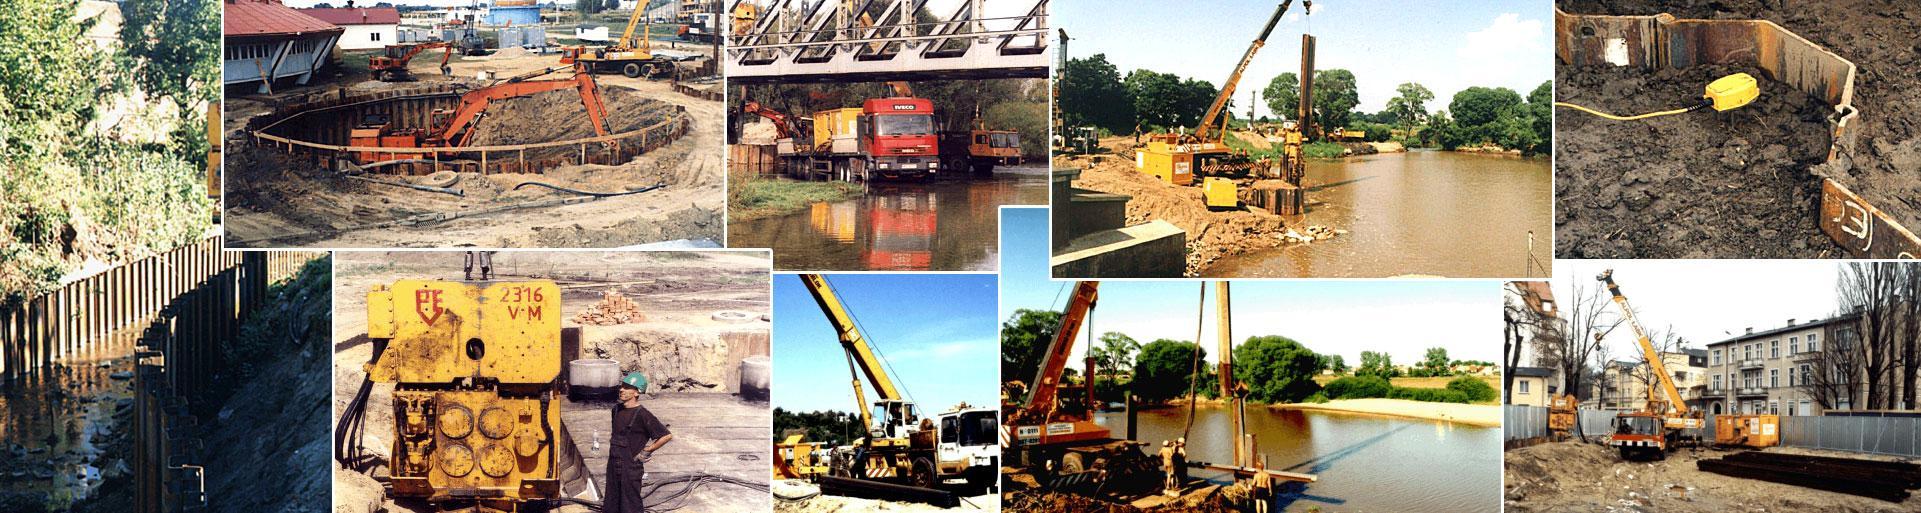 Place budowy i maszyny budowlane